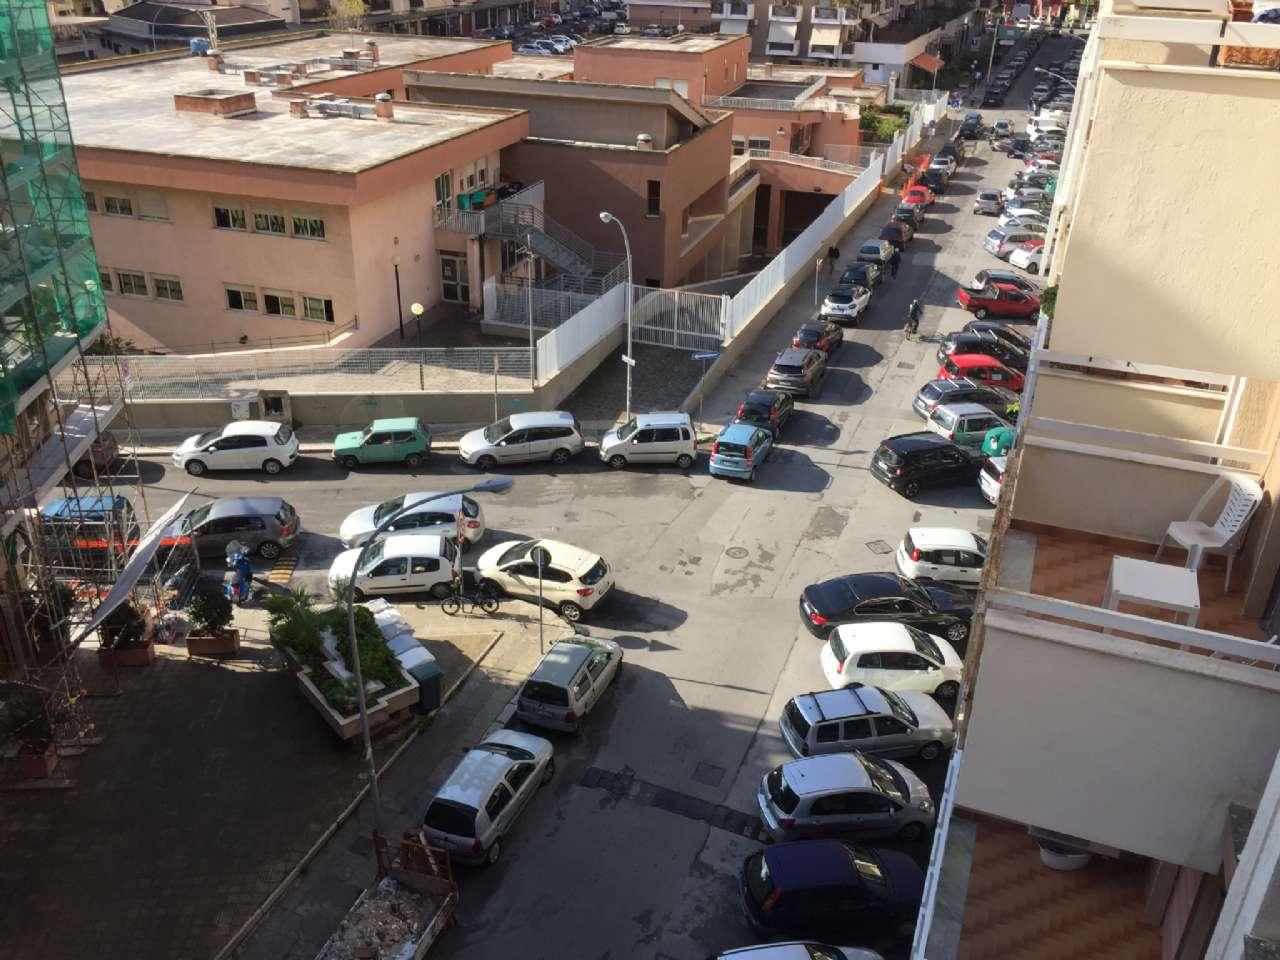 Quadrilocale, Via Ercole Bernabei, zona Malaspina, Palermo, foto 18